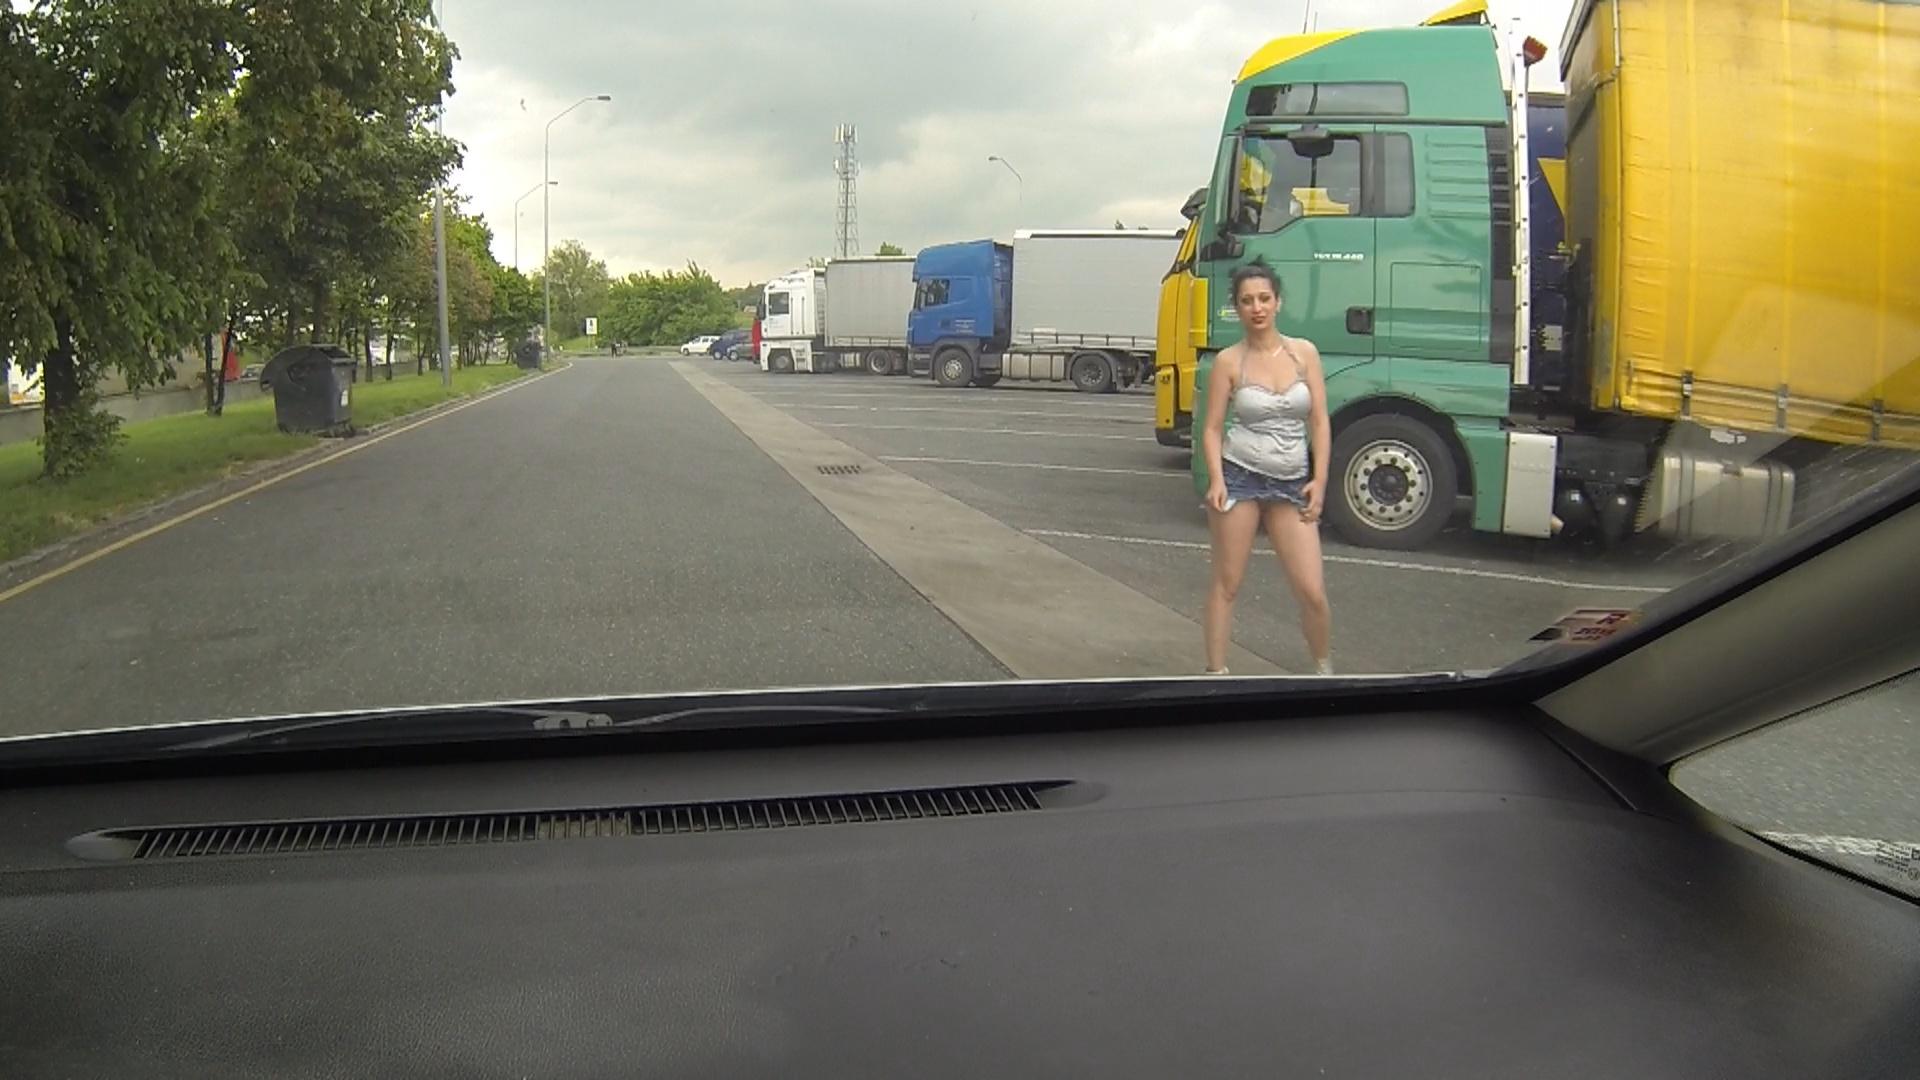 где тусуются проститутки для дальнобойщиков